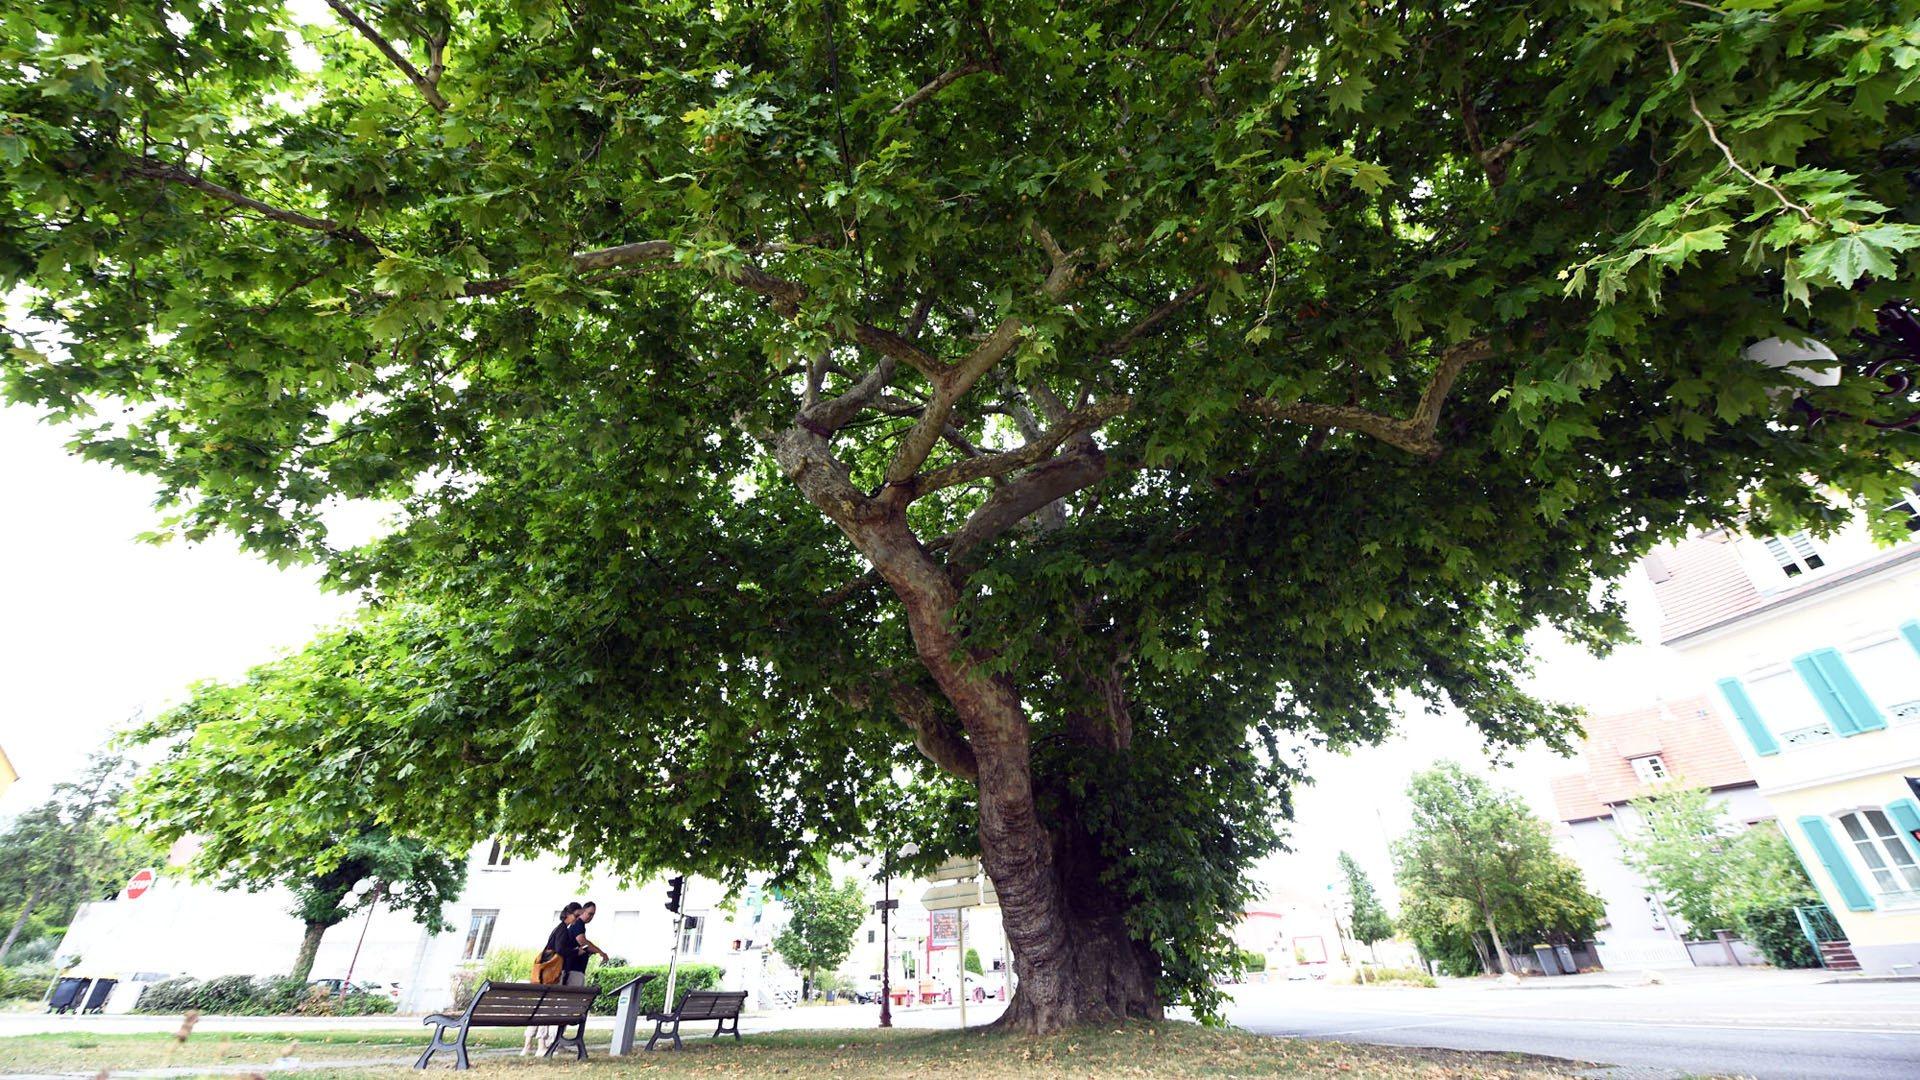 L'arbre musée de Lutterbach, une stature imposante